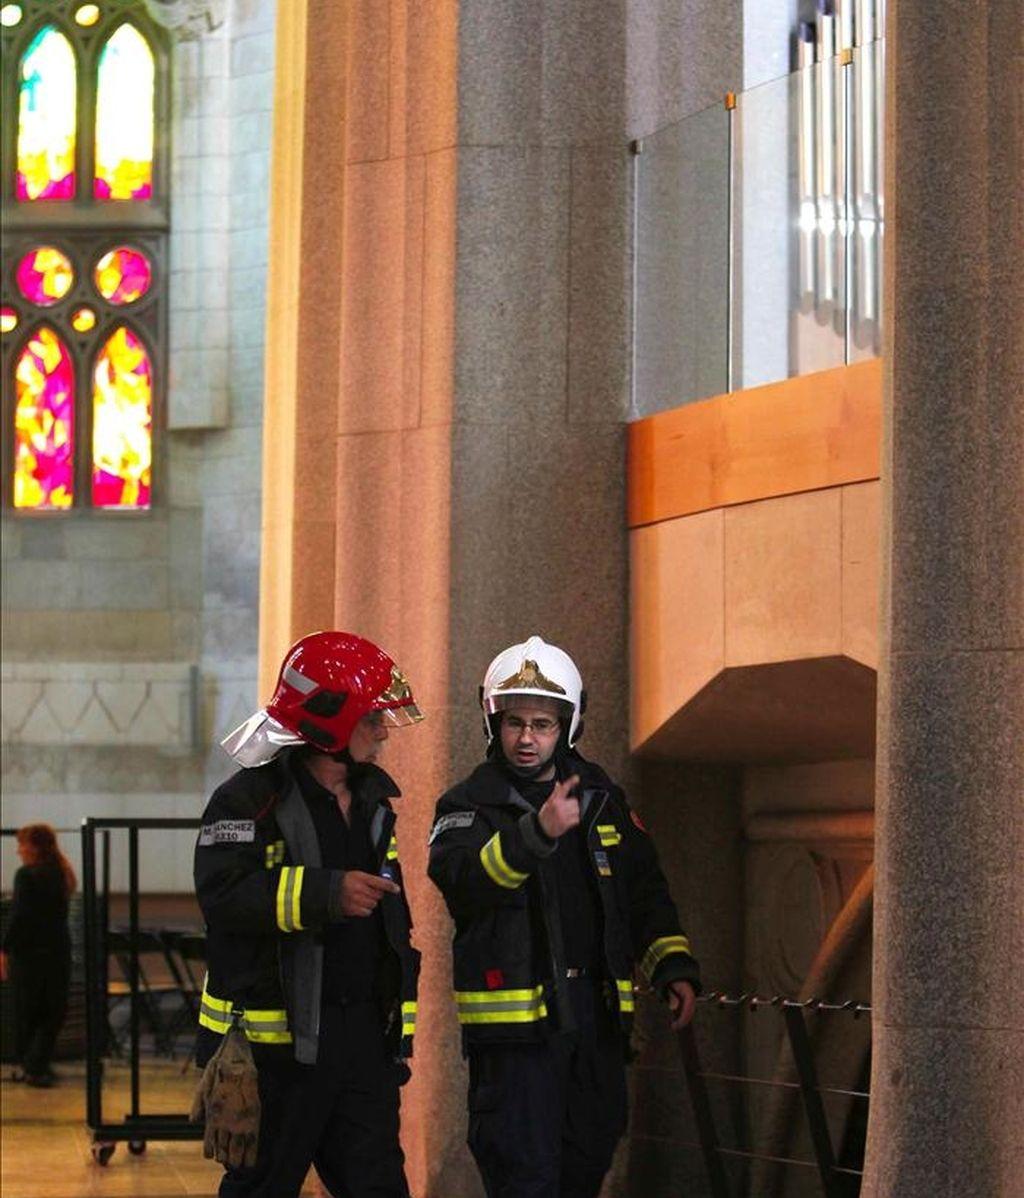 Efectivos del cuerpo de bomberos el pasado 20 de abril durante las tareas de inspección en la Sagrada Familia tras el incendio. EFE/Archivo